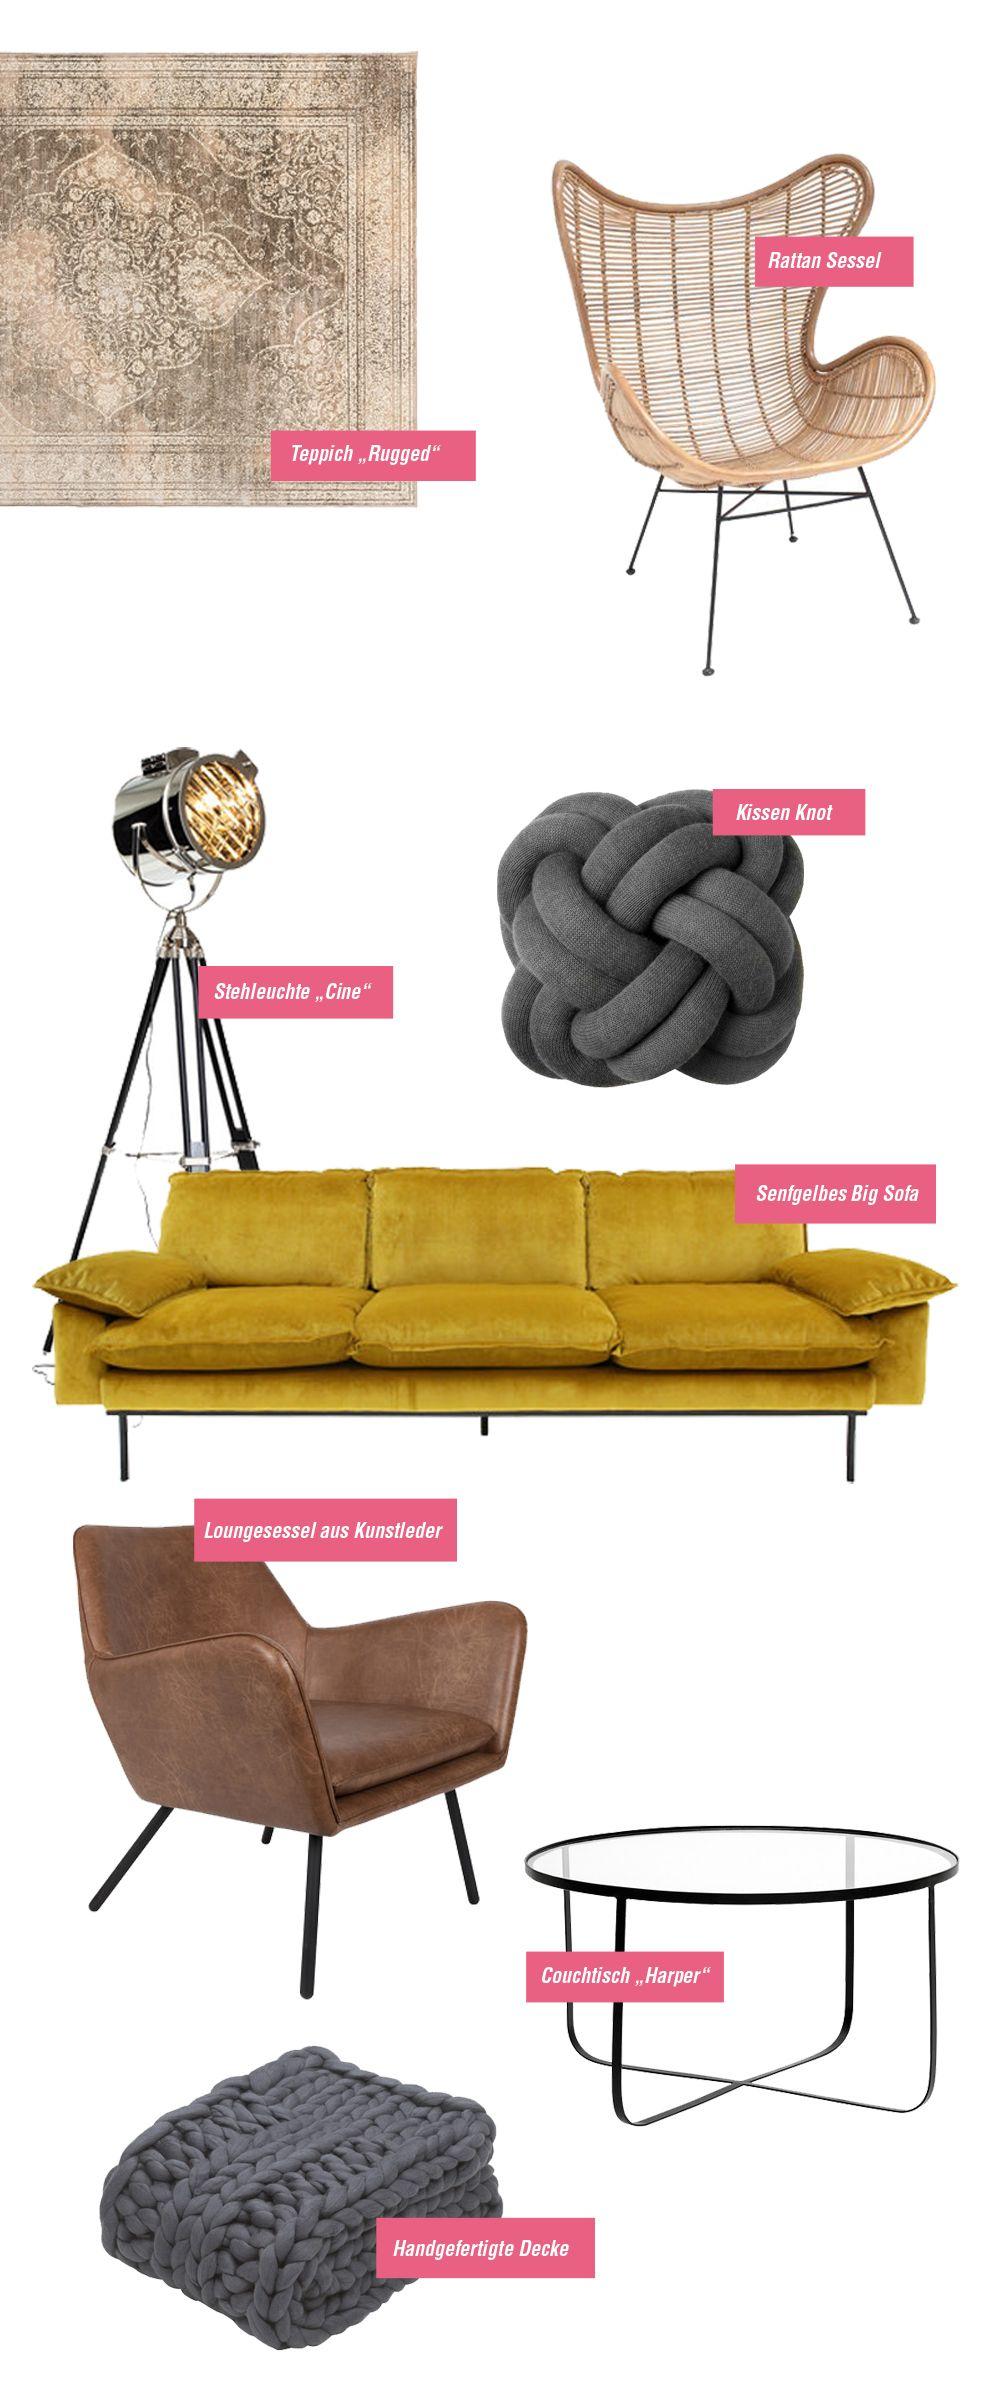 einrichtung furs wohnzimmer inspirieren bilder, interior wish list & inspiration für das wohnzimmer | wohnen | home, Möbel ideen